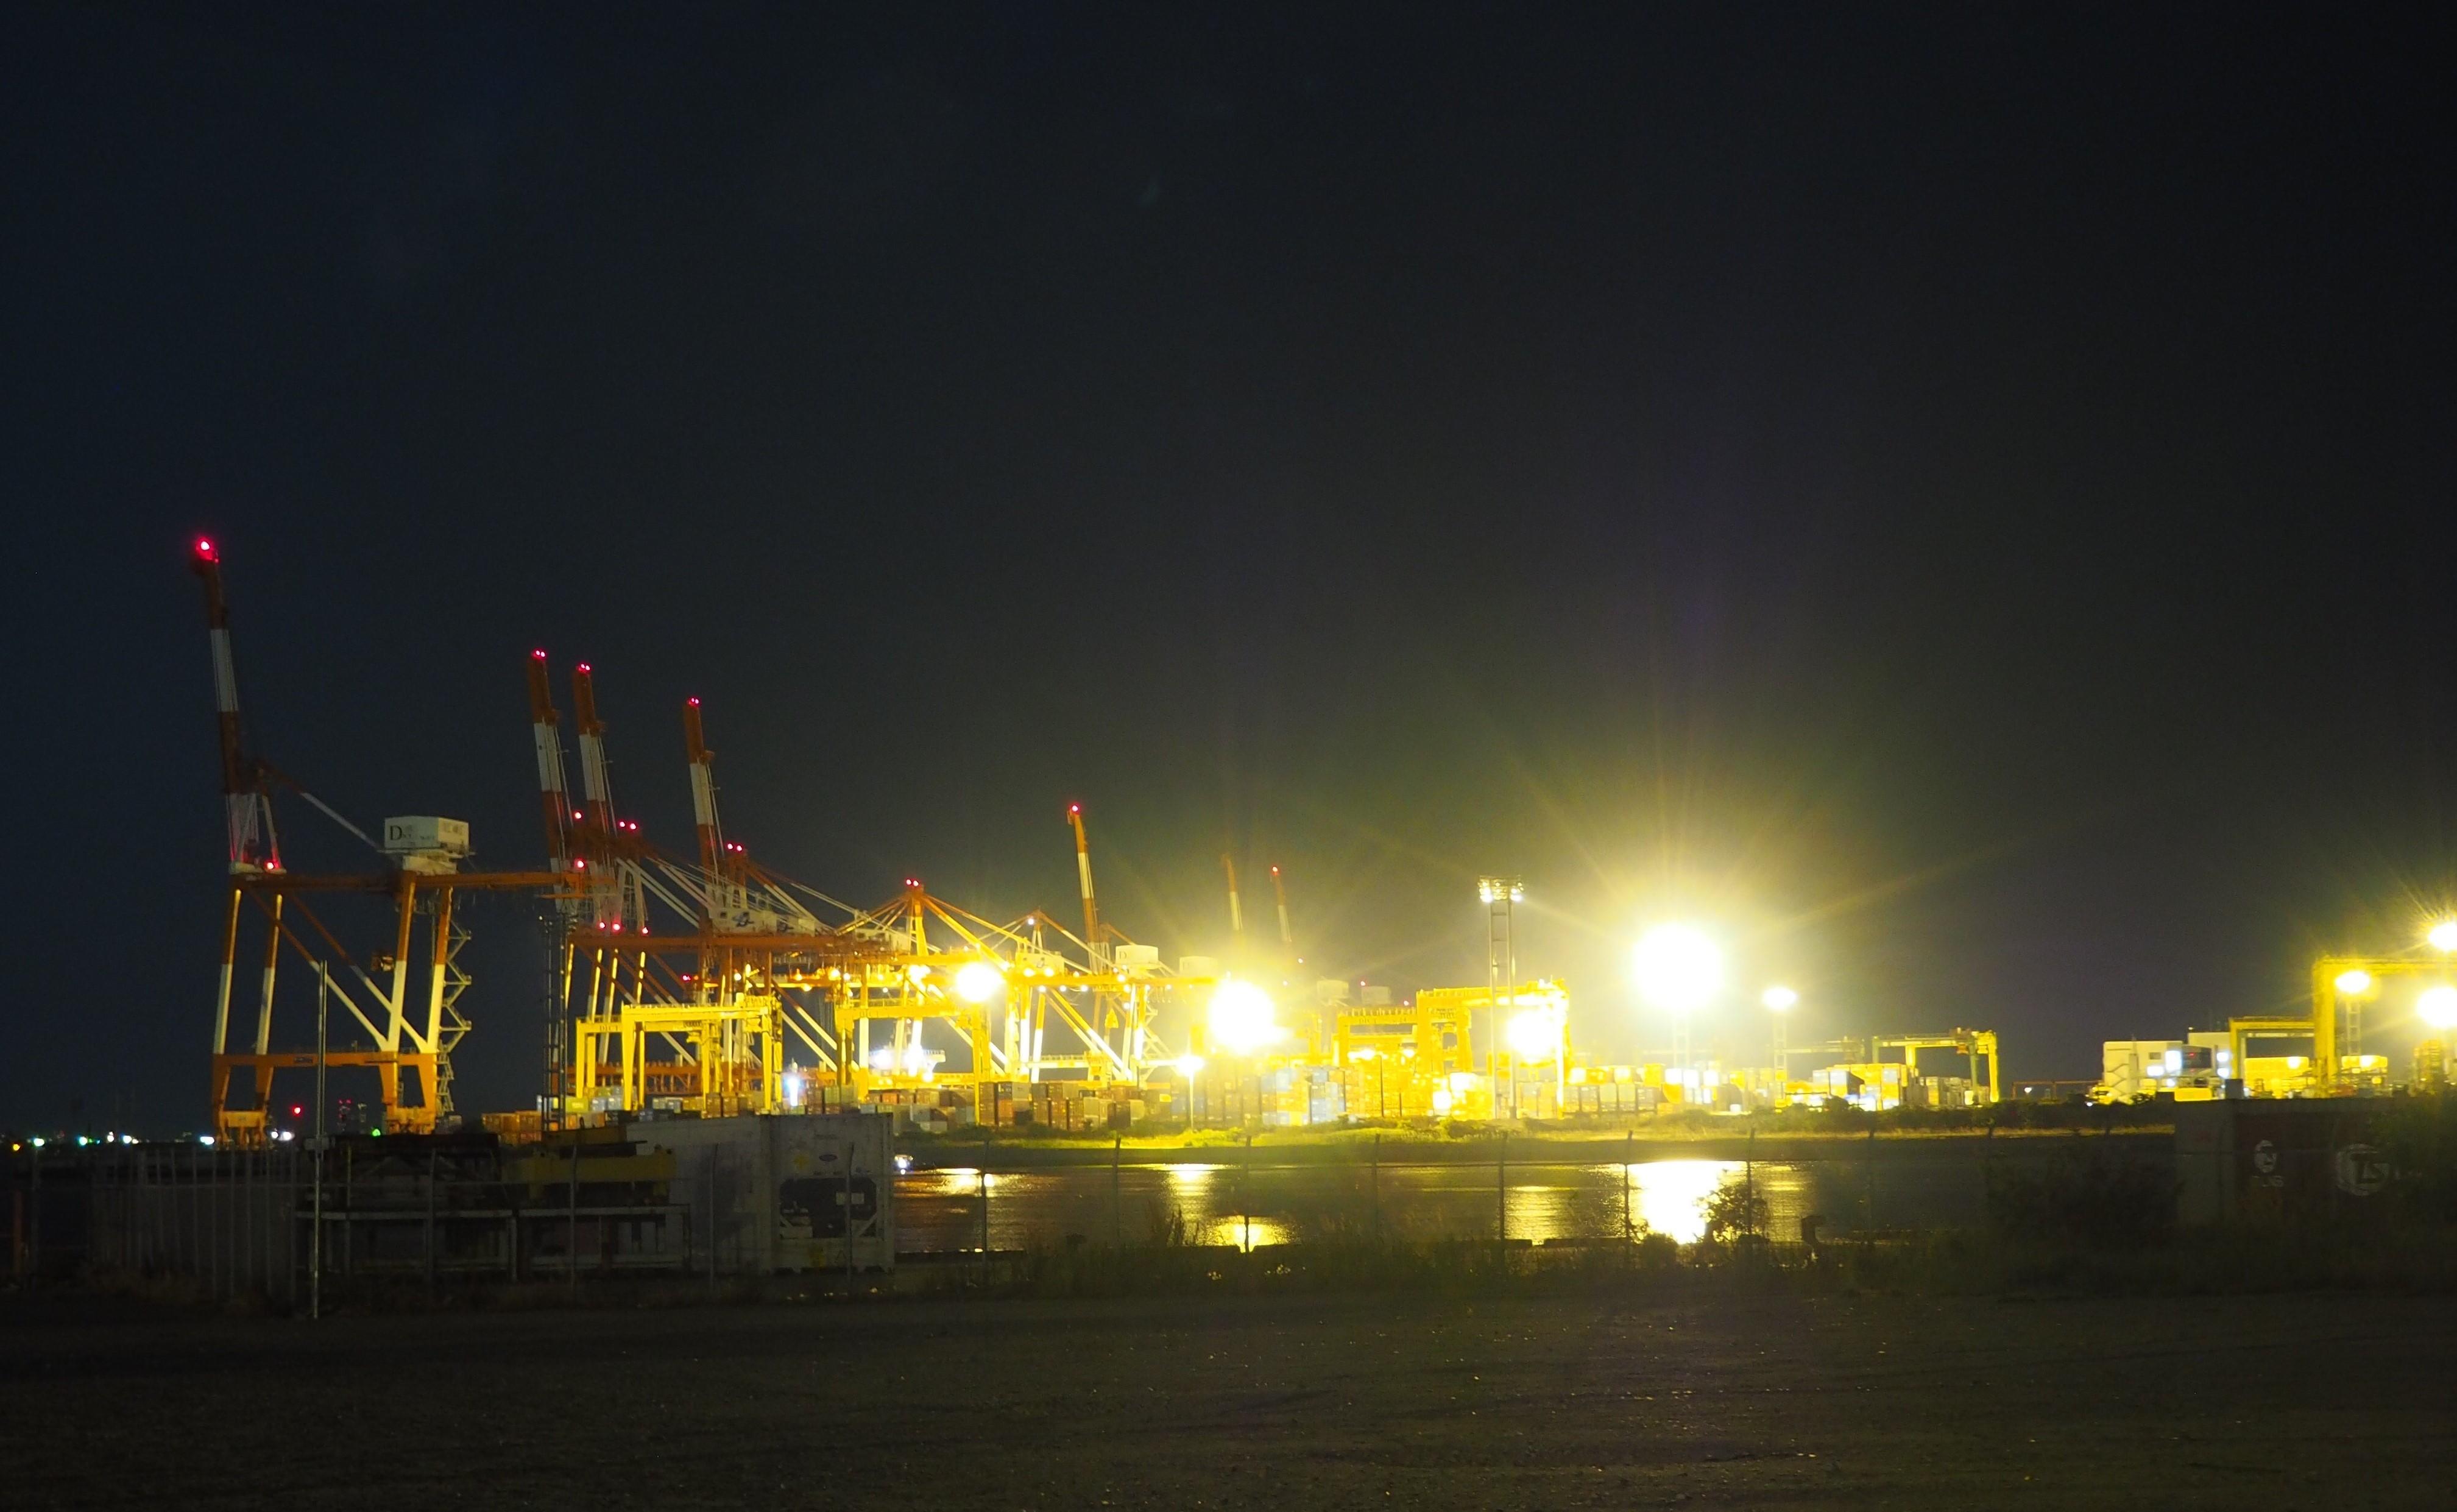 ぴーきち&ダイナ ハーレーブログ 大阪ツーリング ナイトバージョン 市内の夜景 ガントリークレーン